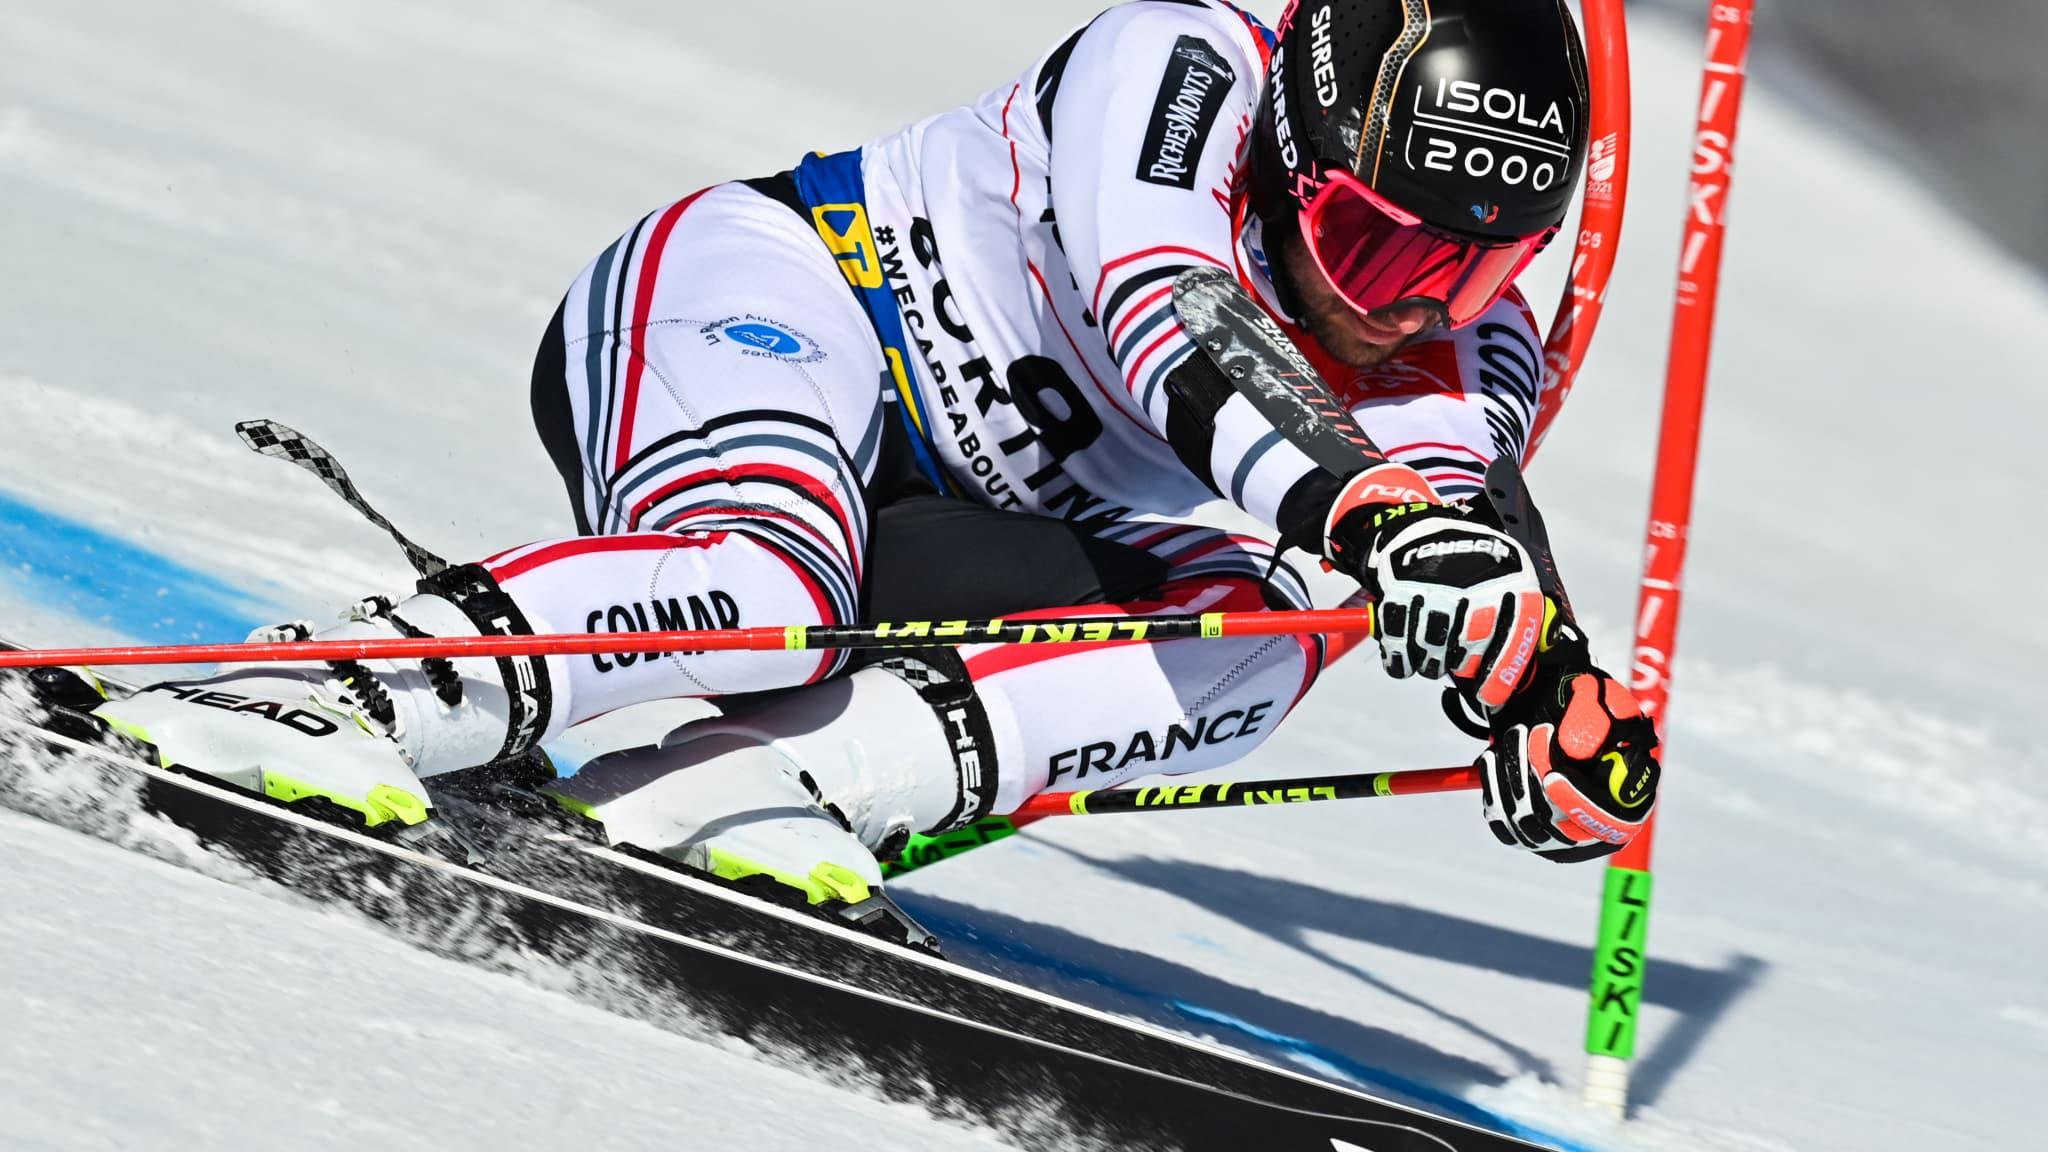 Ski alpin (Bankso): Première manche du géant solide pour Mathieu Faivre qui signe le meilleur temps, suivi de Pinturault 3e